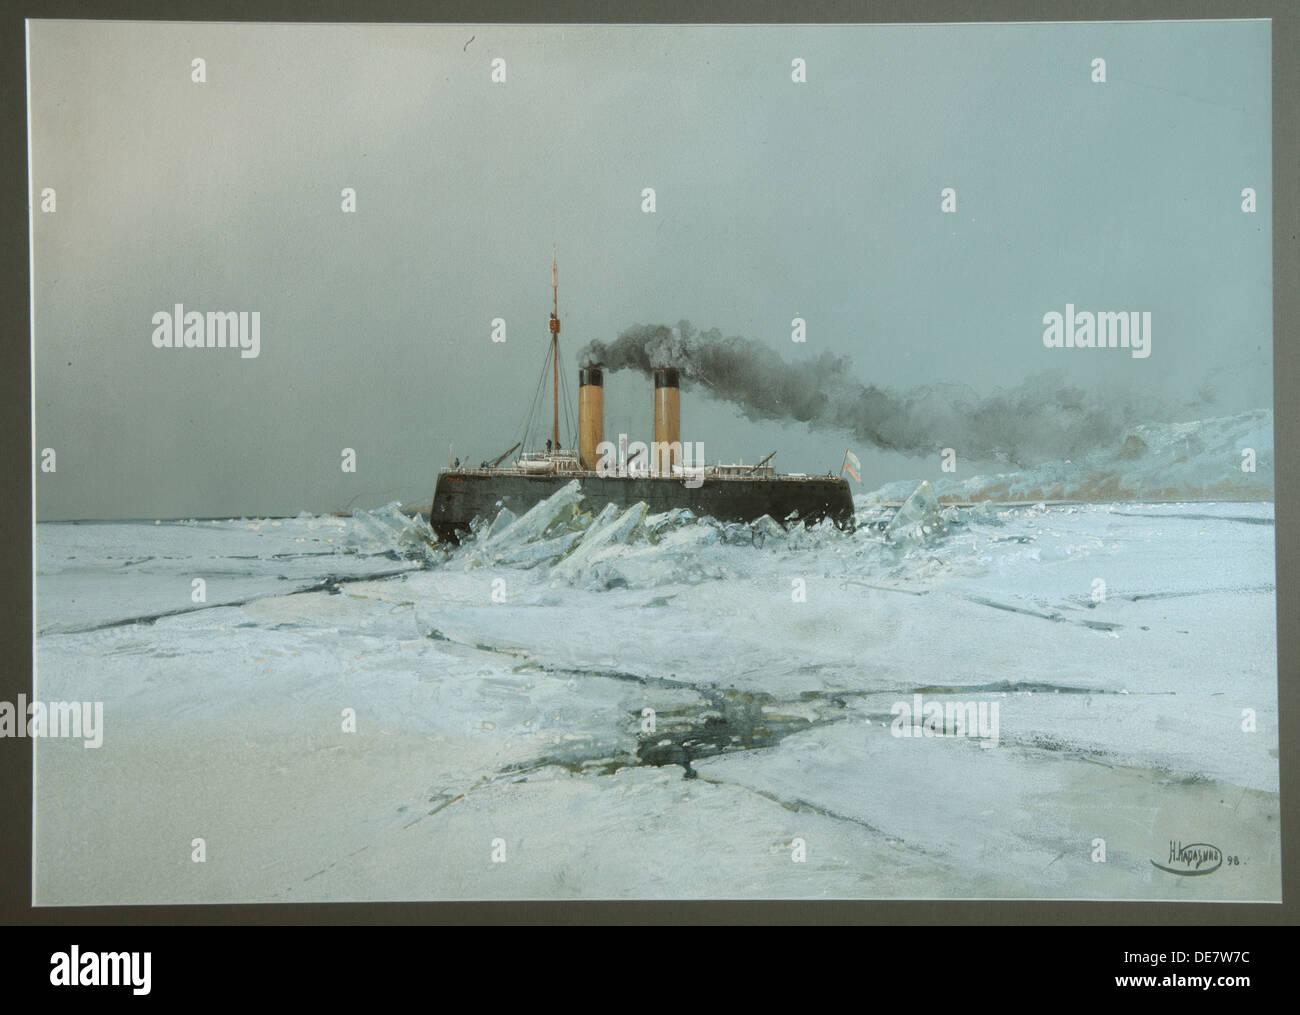 Icebreaker Yermak, 1898. Artist: Karasin, Nikolai Nikolayevich (1842-1908) - Stock Image